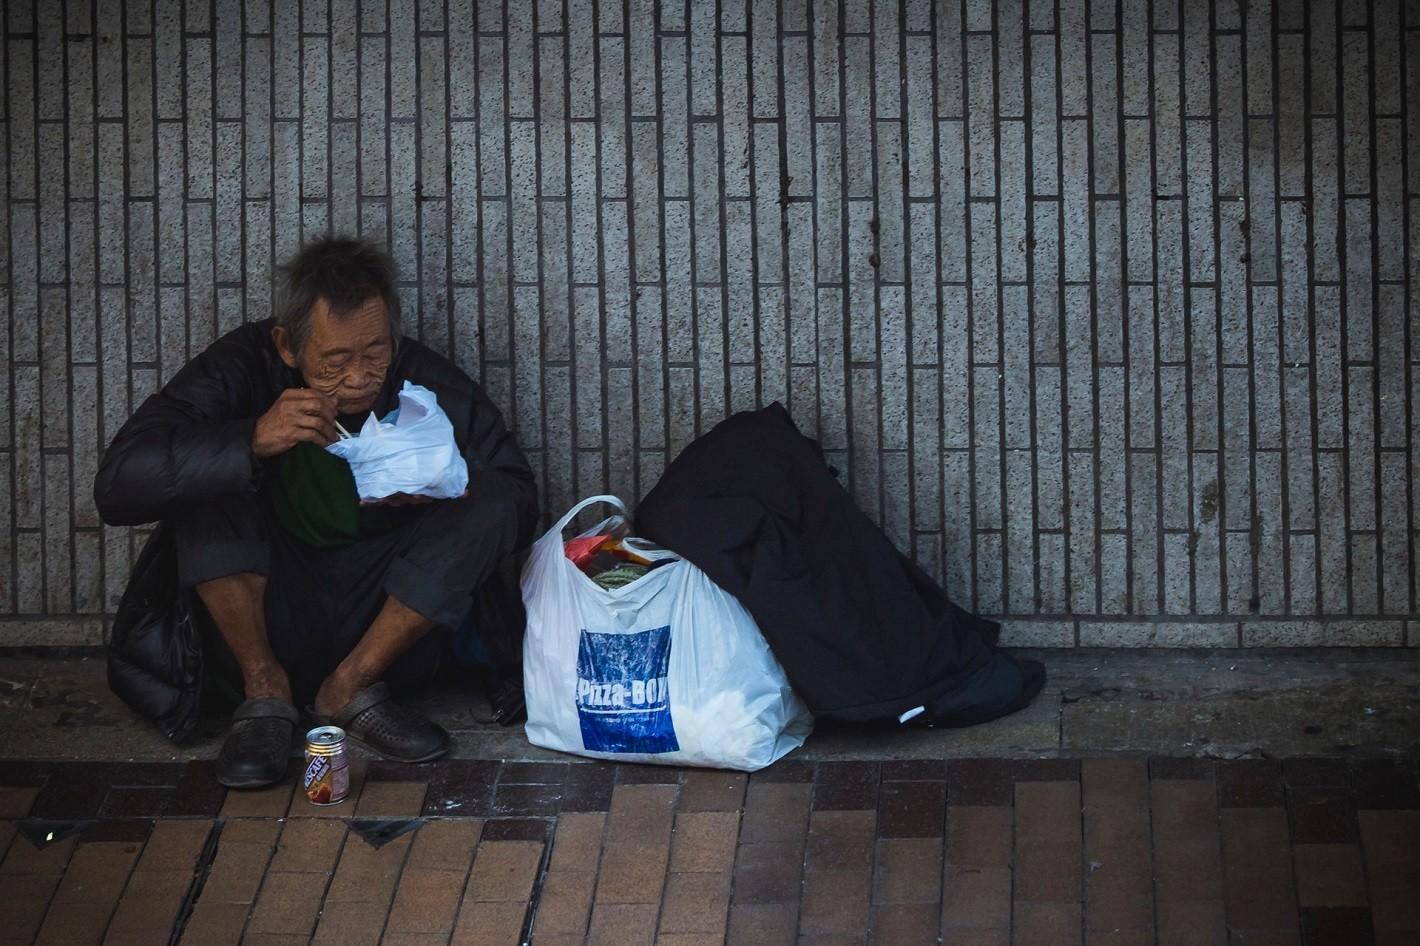 persona pobre comiendo en la calle